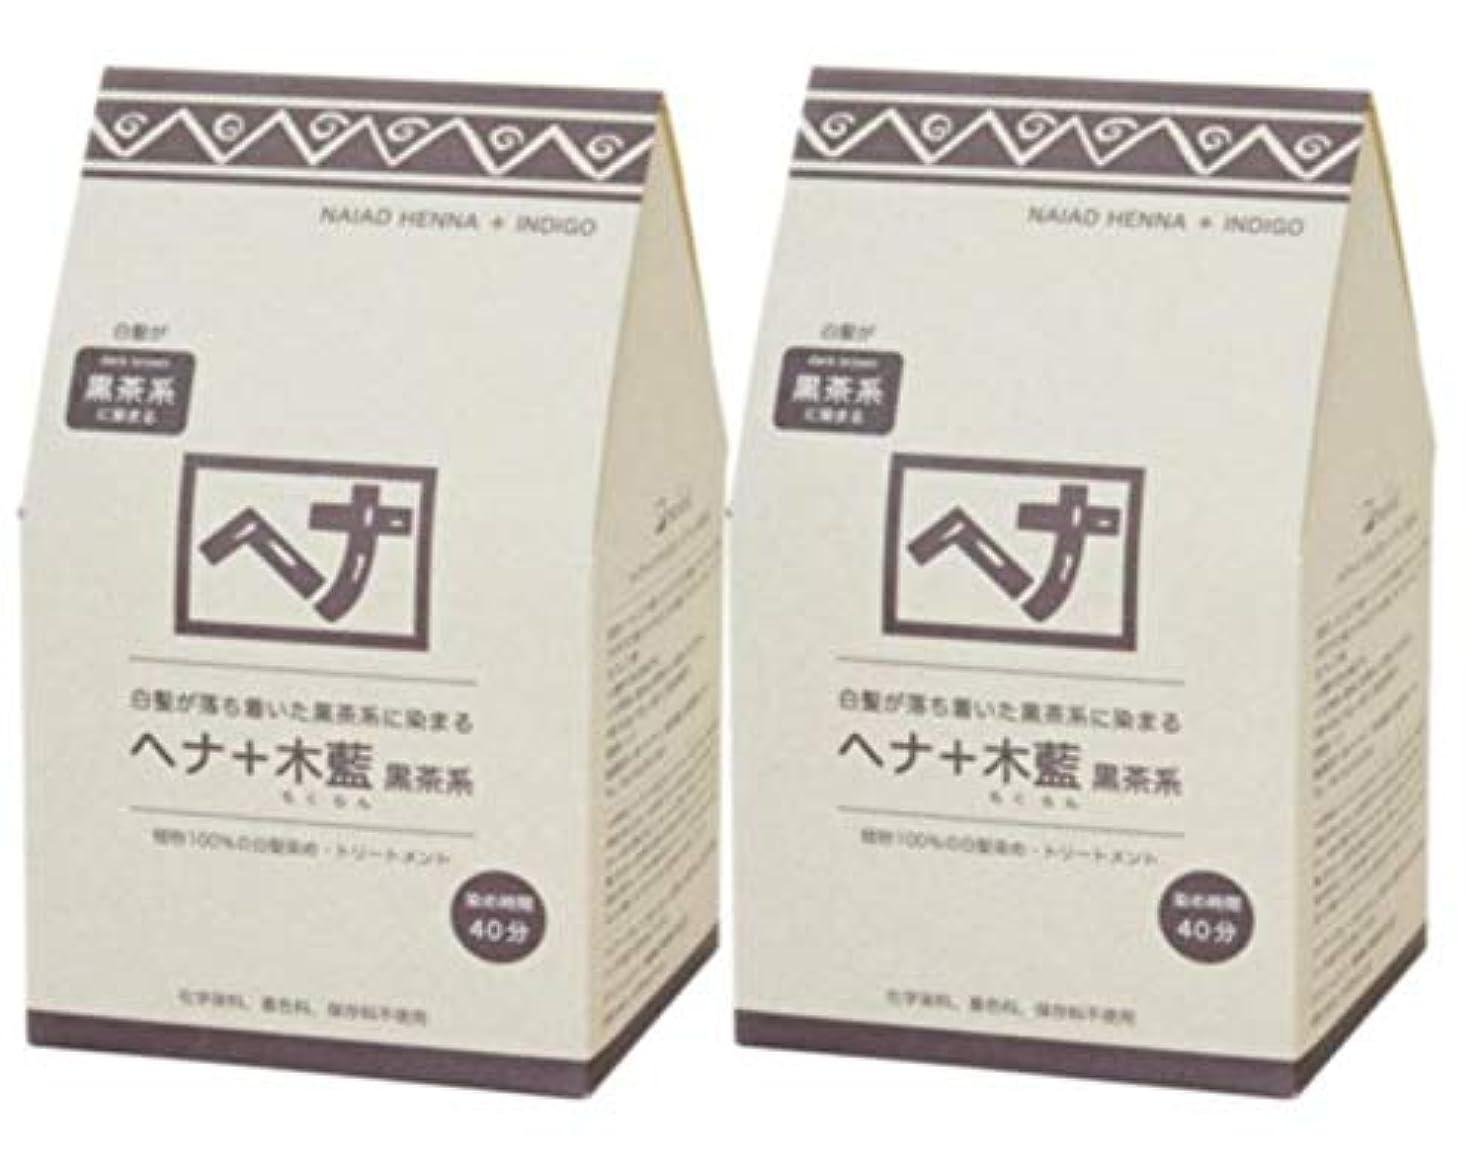 不毛なぞらえるインターネットNaiad(ナイアード) ヘナ+木藍 黒茶系 400g 2個セット